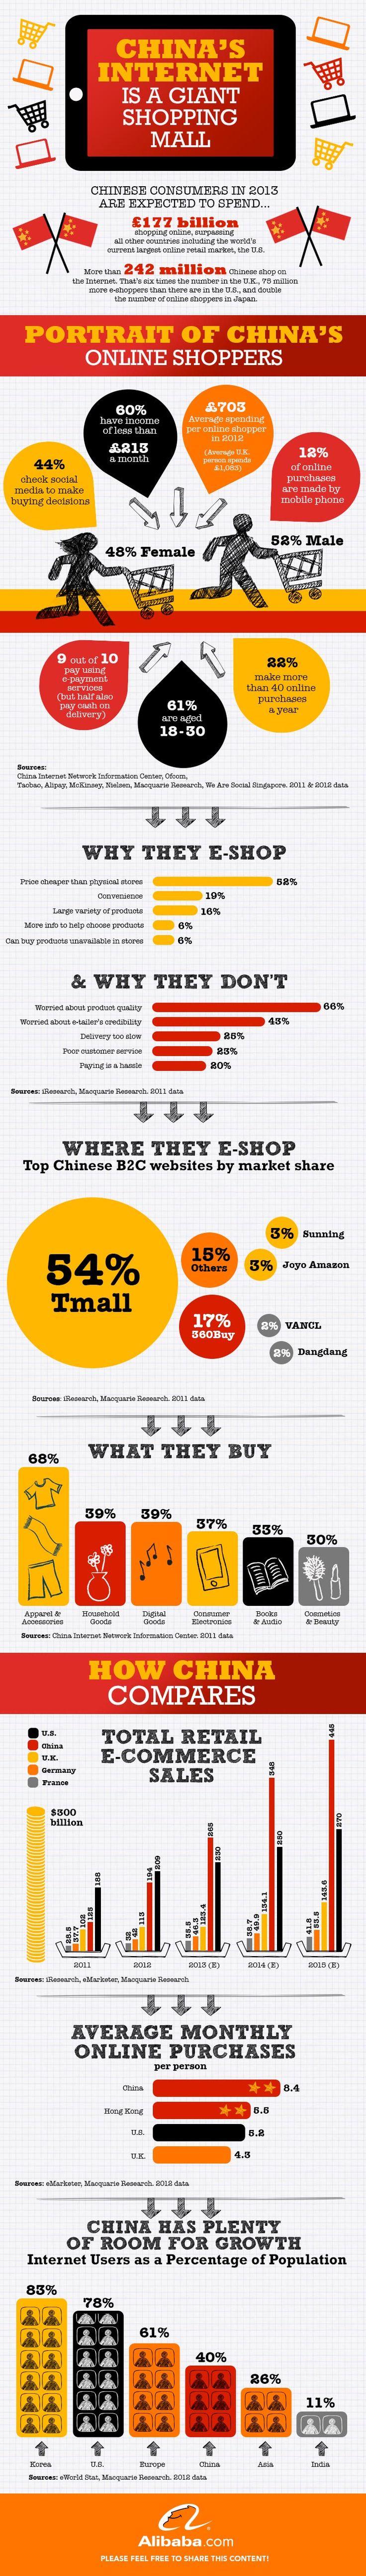 Le e-commerce chinois est-il déjà le plus gros marché du monde ?